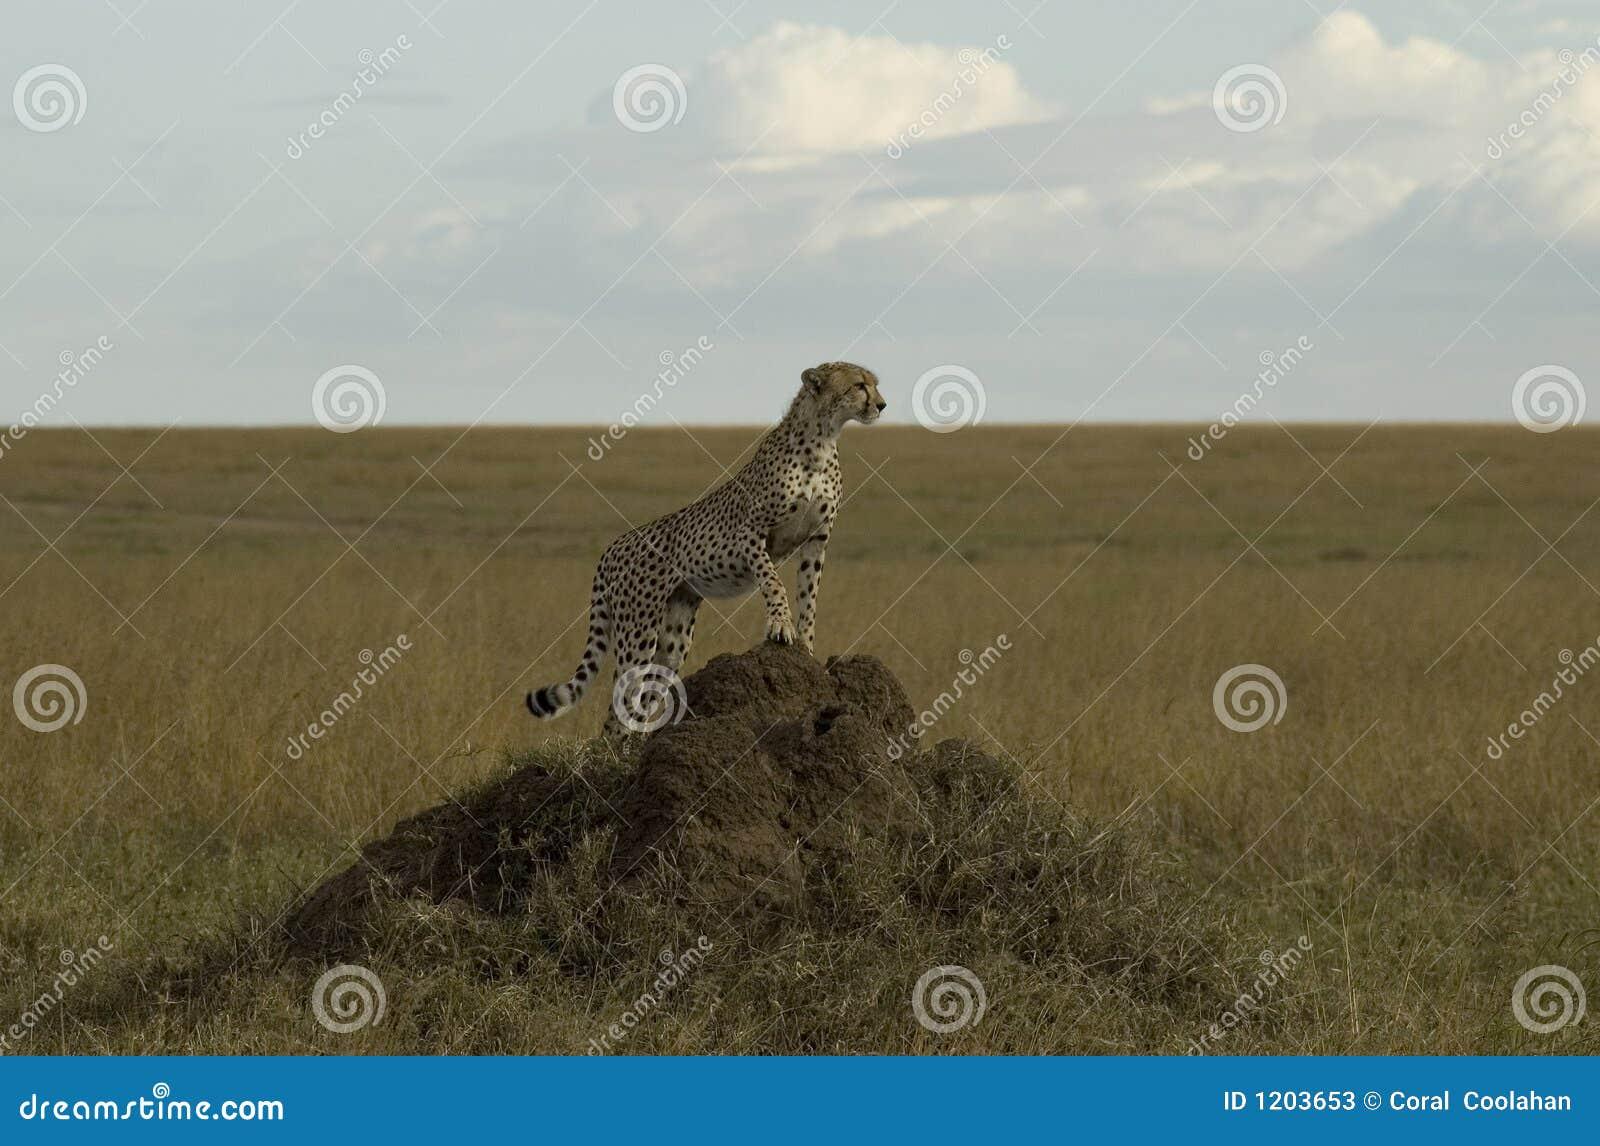 Cheetah on an Ant Hill